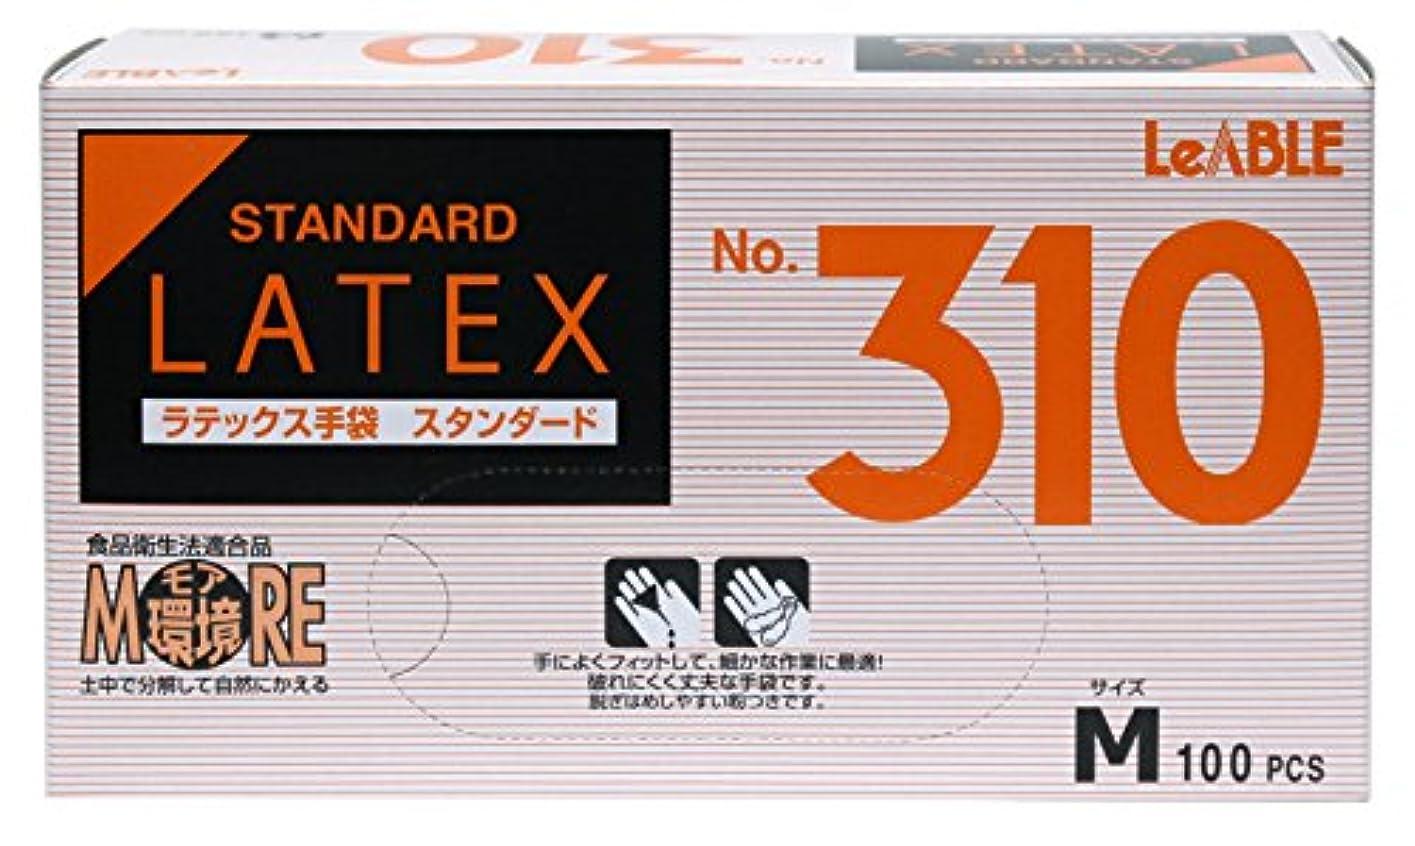 ピットええタイル大和工場 ラテックスゴム手袋 NO.310 Mサイズ 100枚